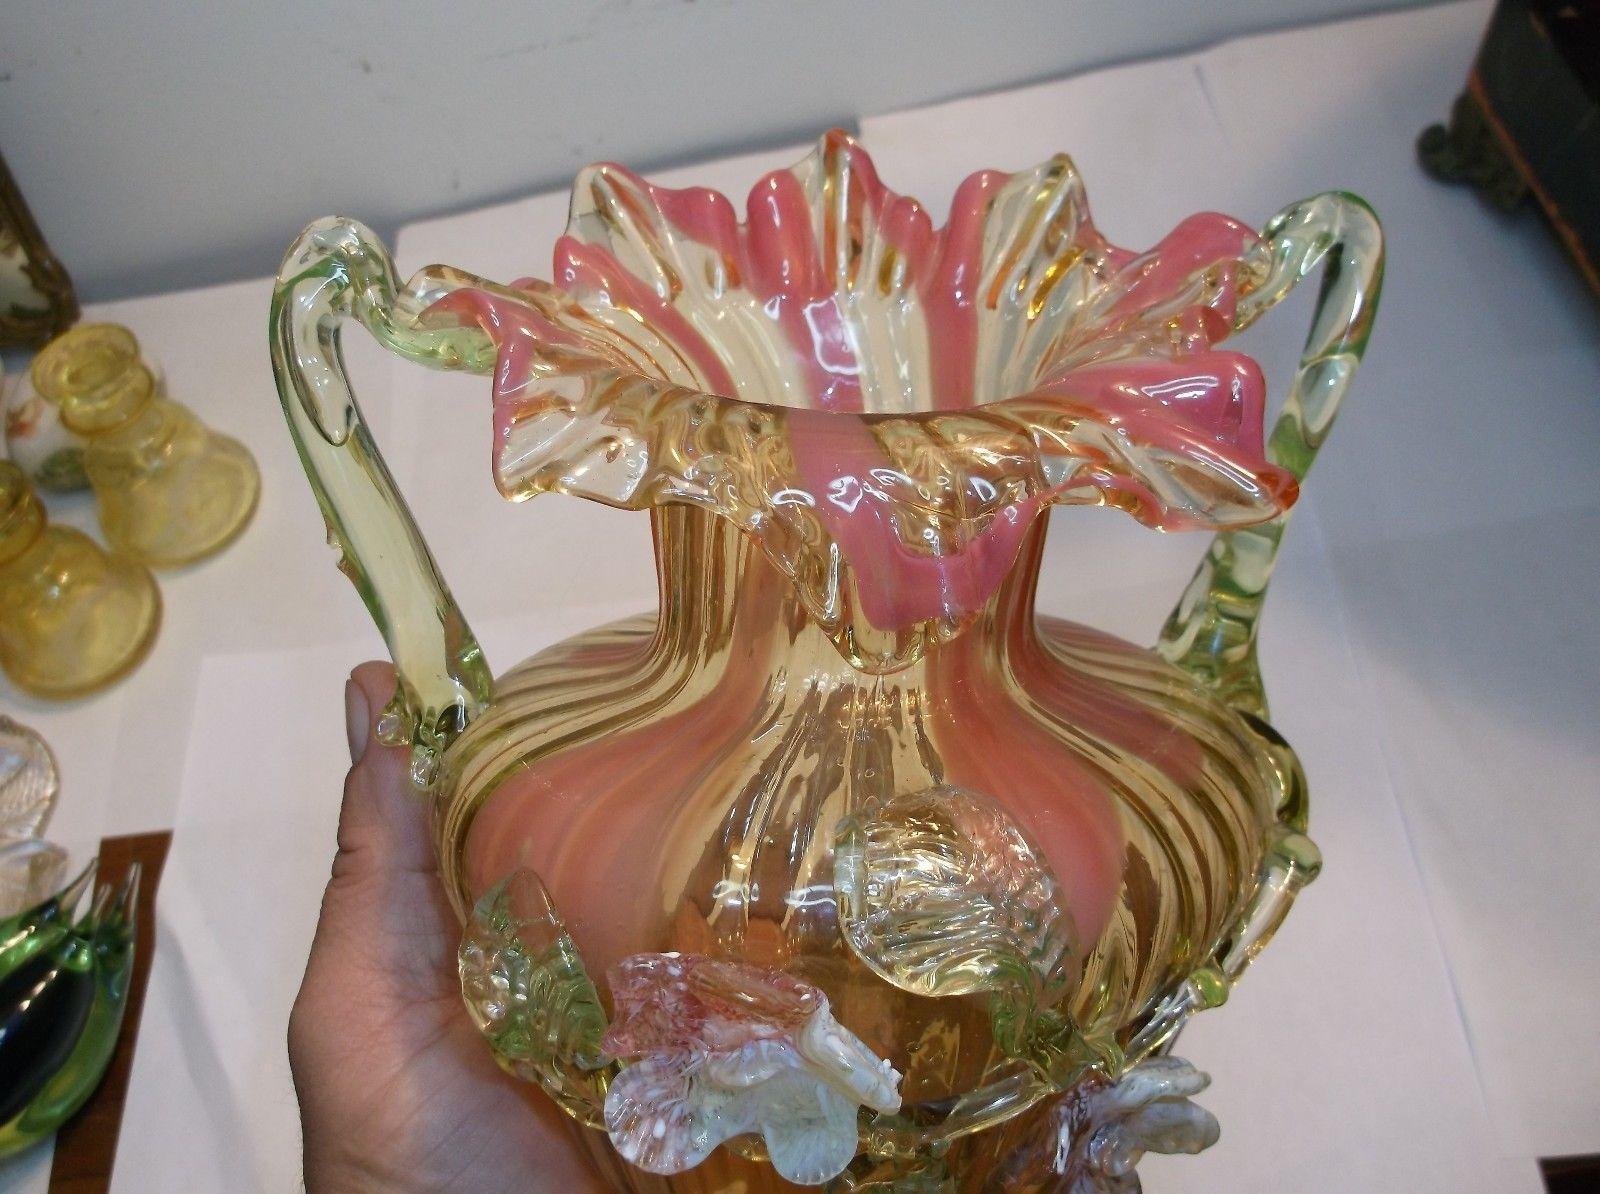 Strawberry uranium glass vase vaseline glass pinterest glass strawberry uranium glass vase reviewsmspy